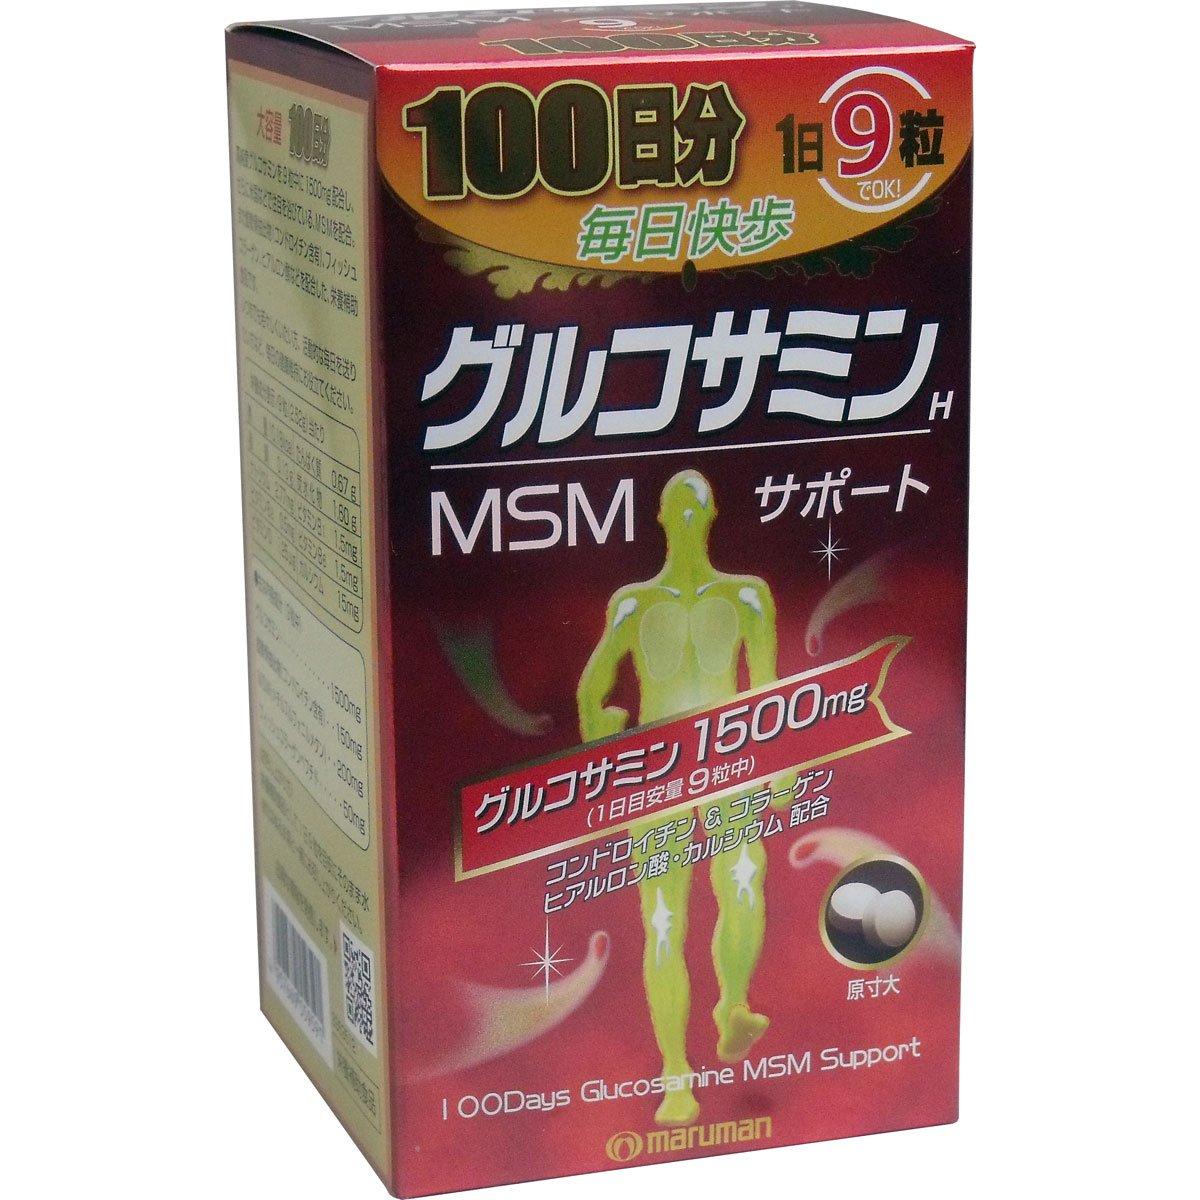 マルマン グルコサミン 900粒 100日分入【5個セット】 B00CLOK0L2